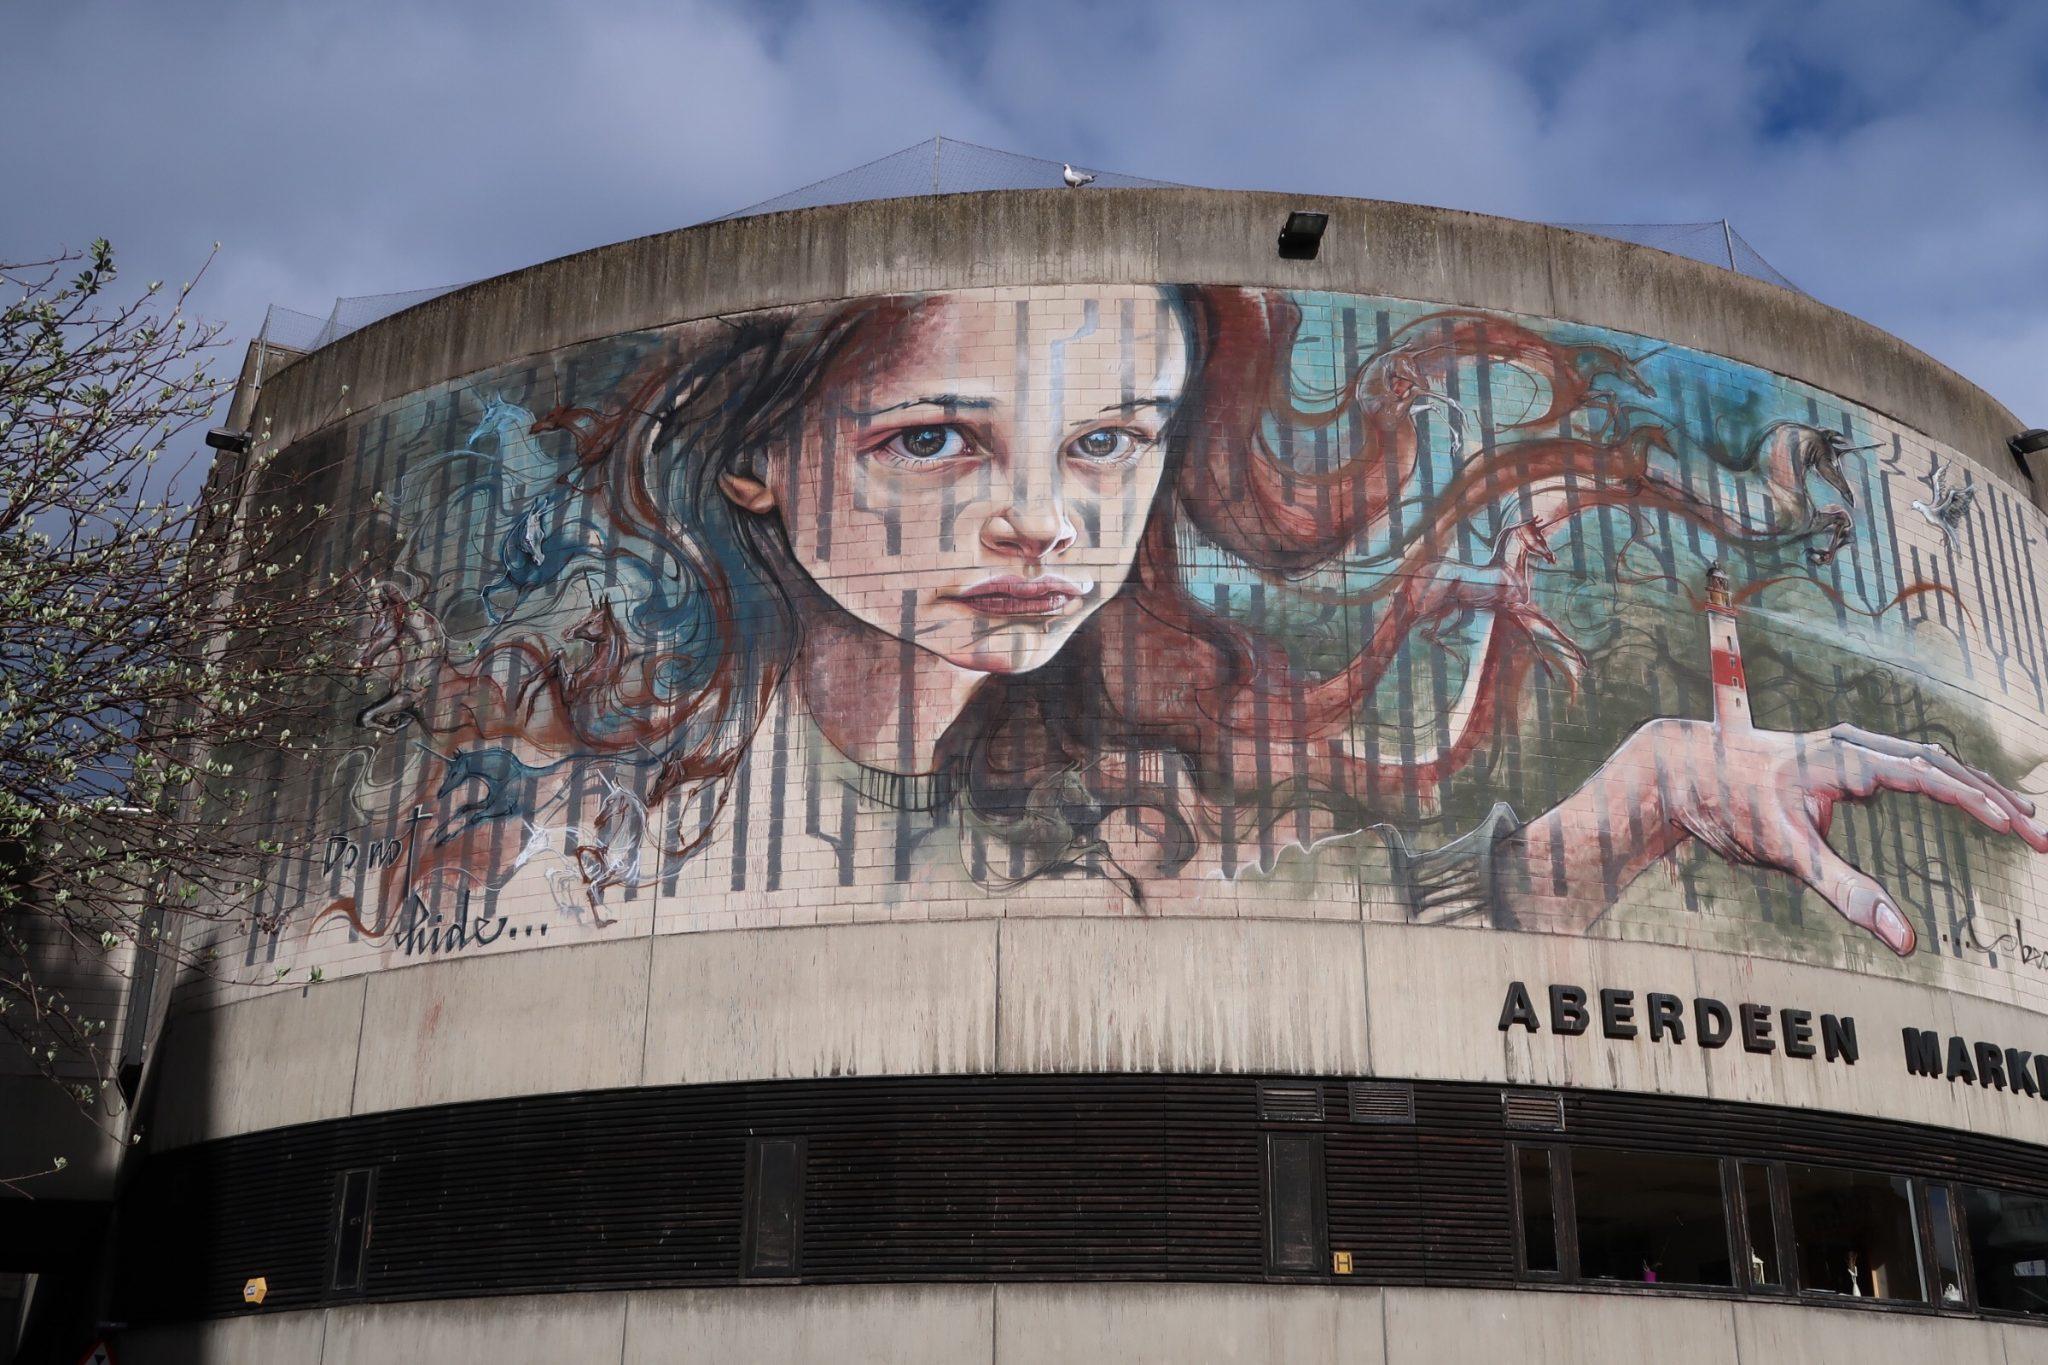 Nuart Aberdeen City Centre Street Art Aberdeen Indoor Market